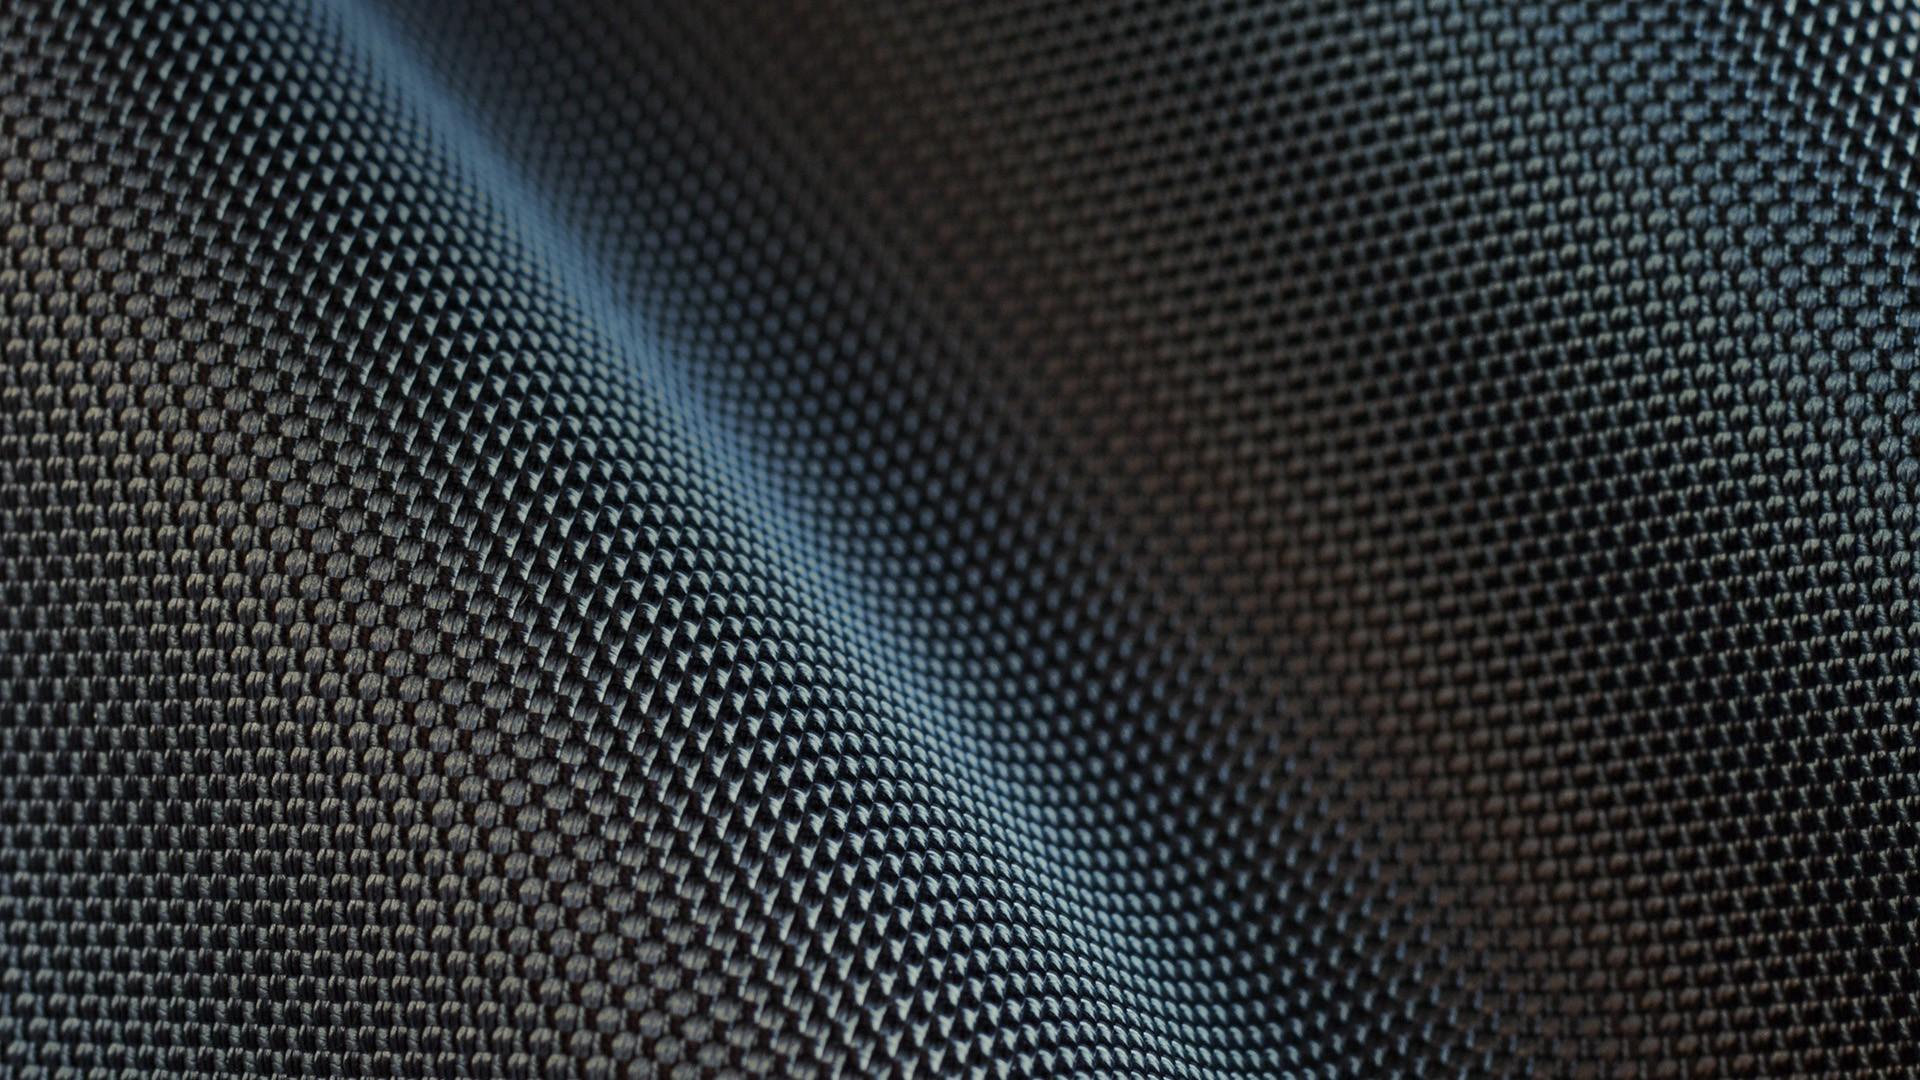 Wallpaper Digital Art Depth Of Field 3d Minimalism